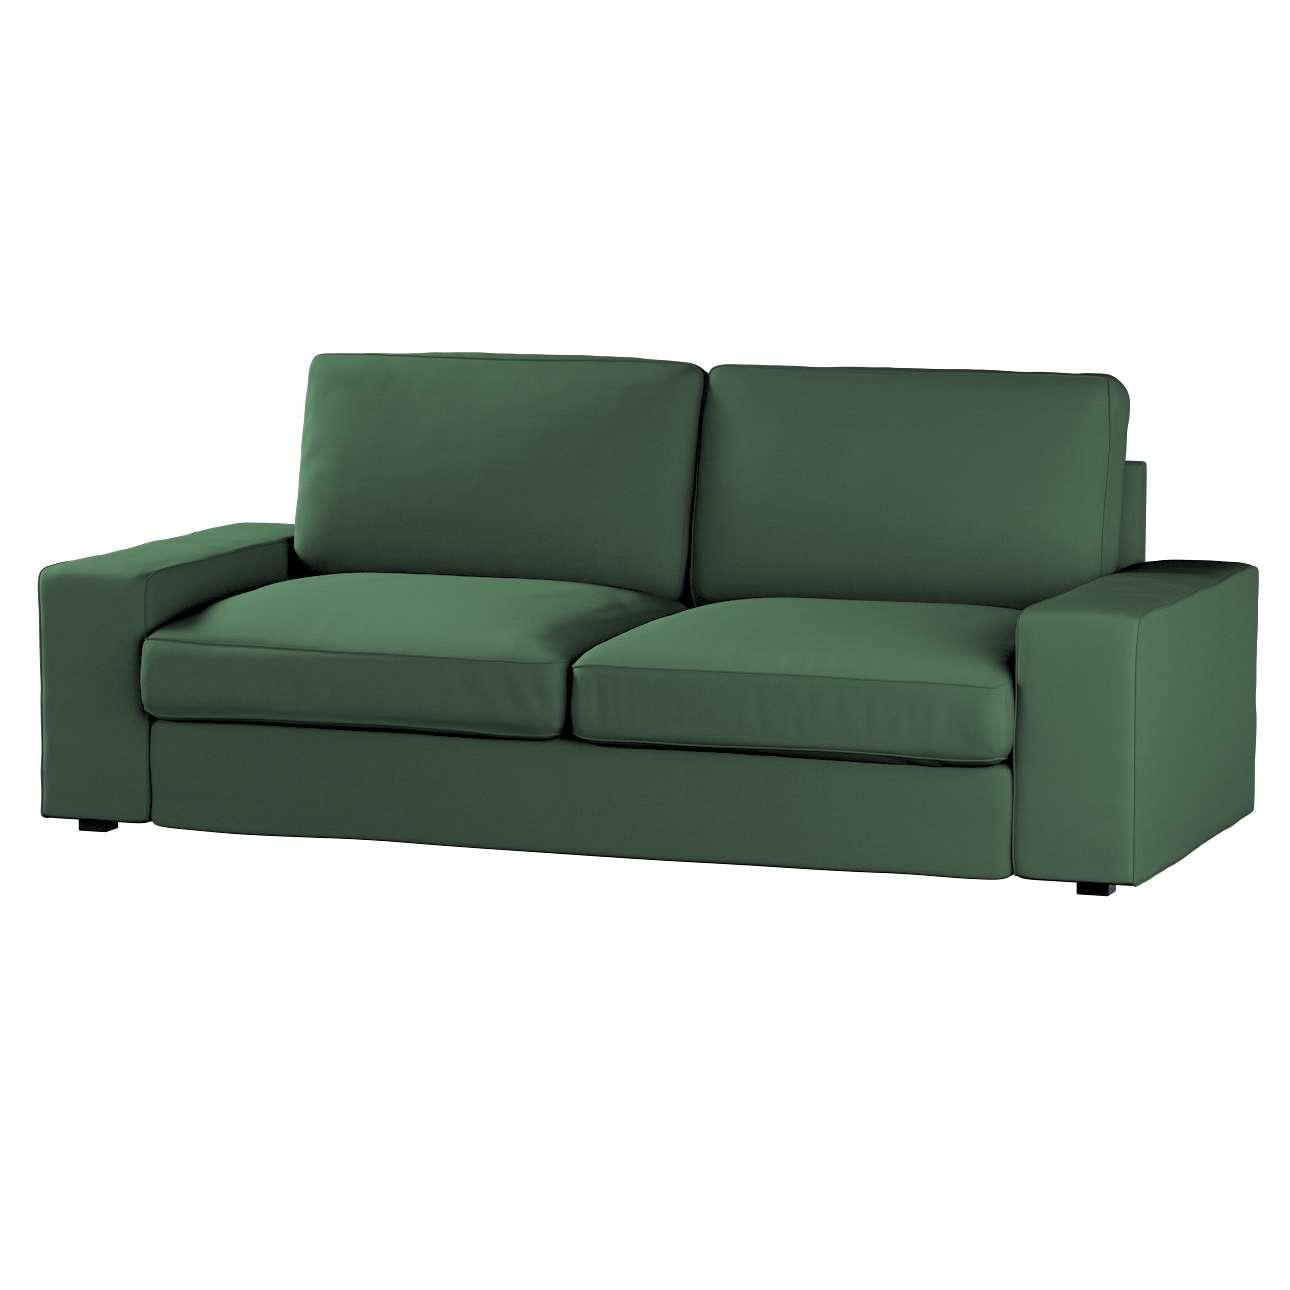 Pokrowiec na sofę Kivik 3-osobową, rozkładaną Sofa Kivik 3-osobowa rozkładana w kolekcji Cotton Panama, tkanina: 702-06